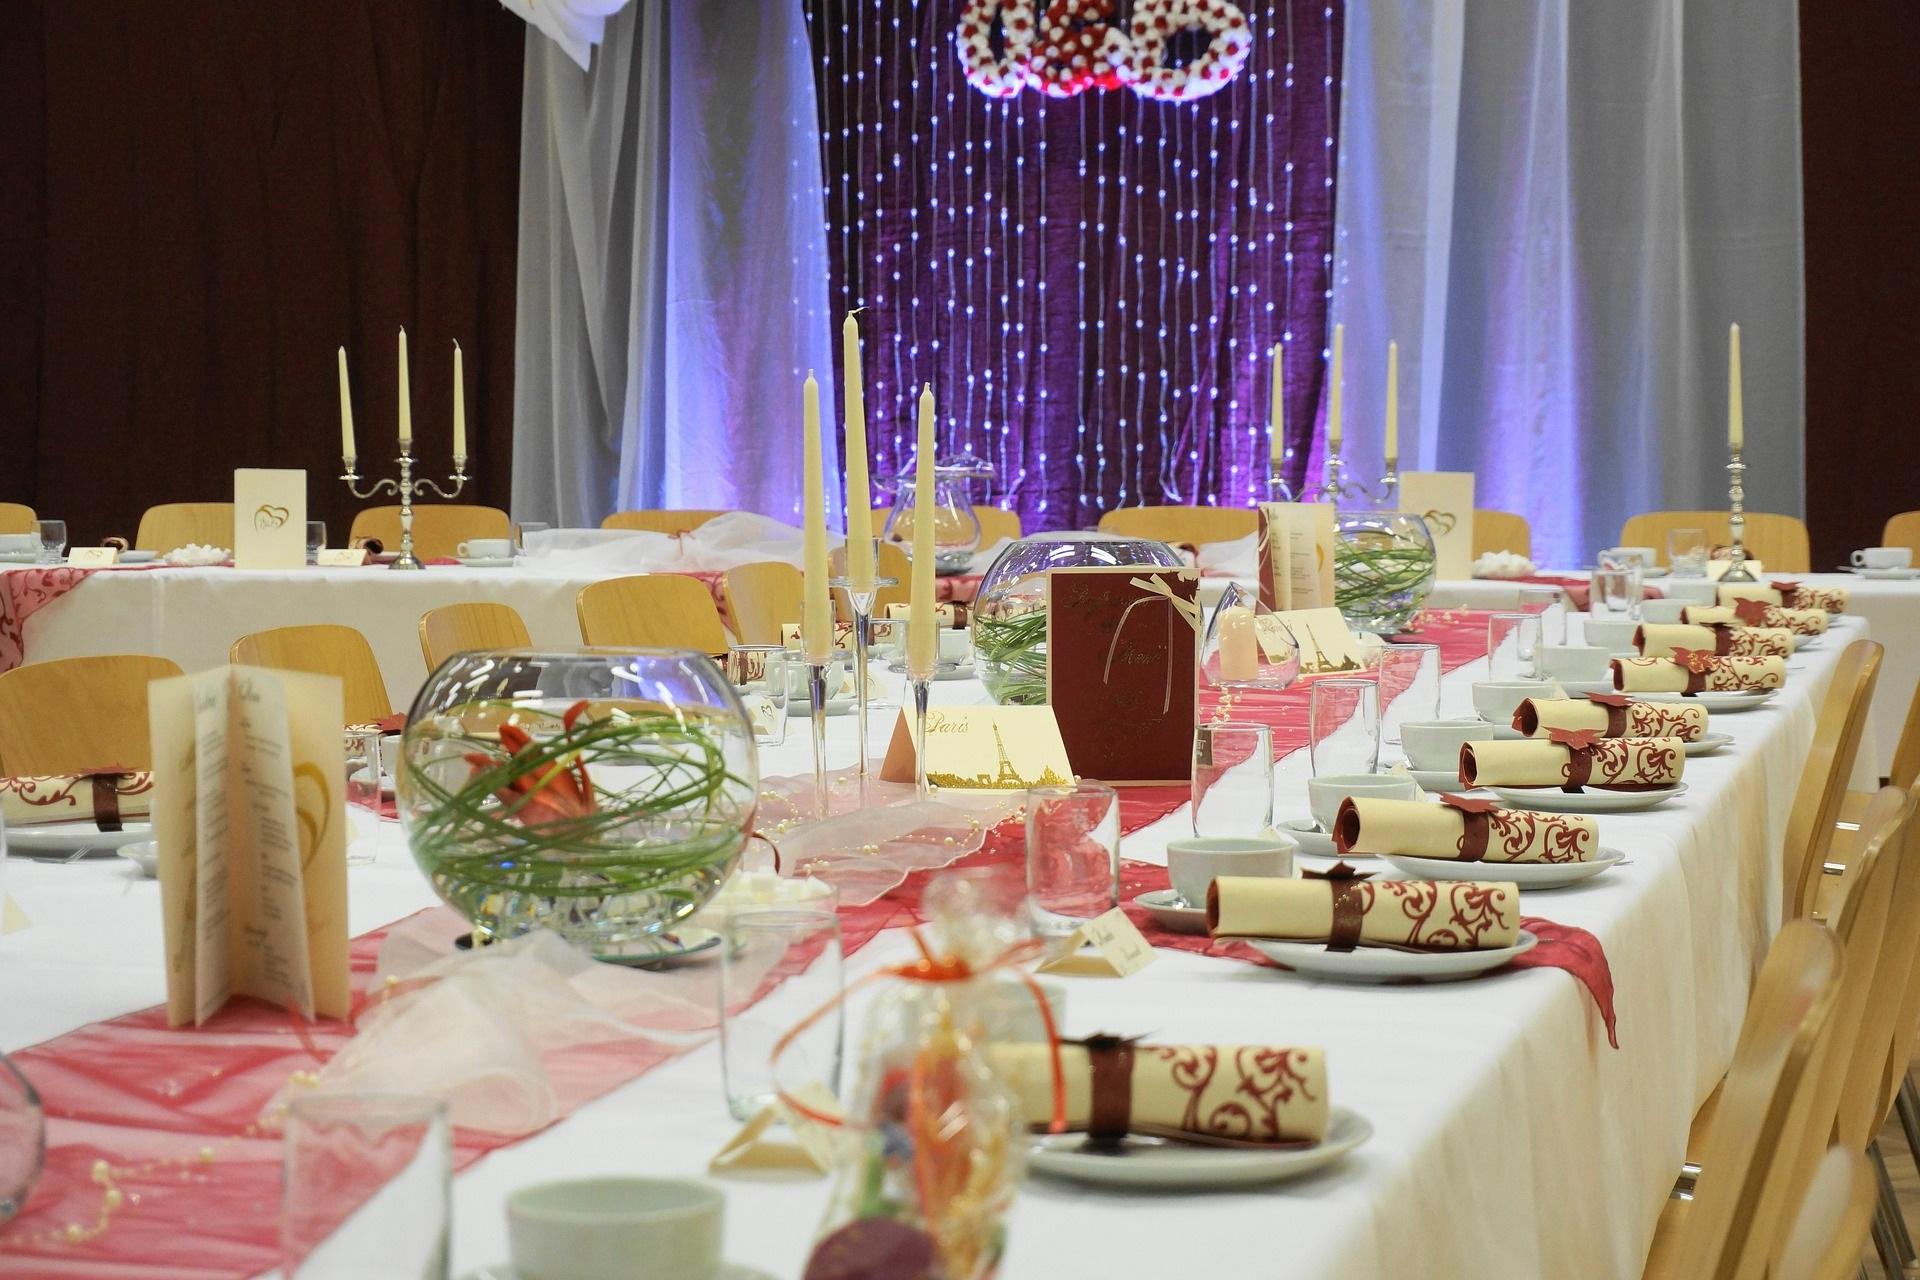 Hochzeitstafeldeko make my day das hochzeitsmagazin for Hochzeitstafel deko